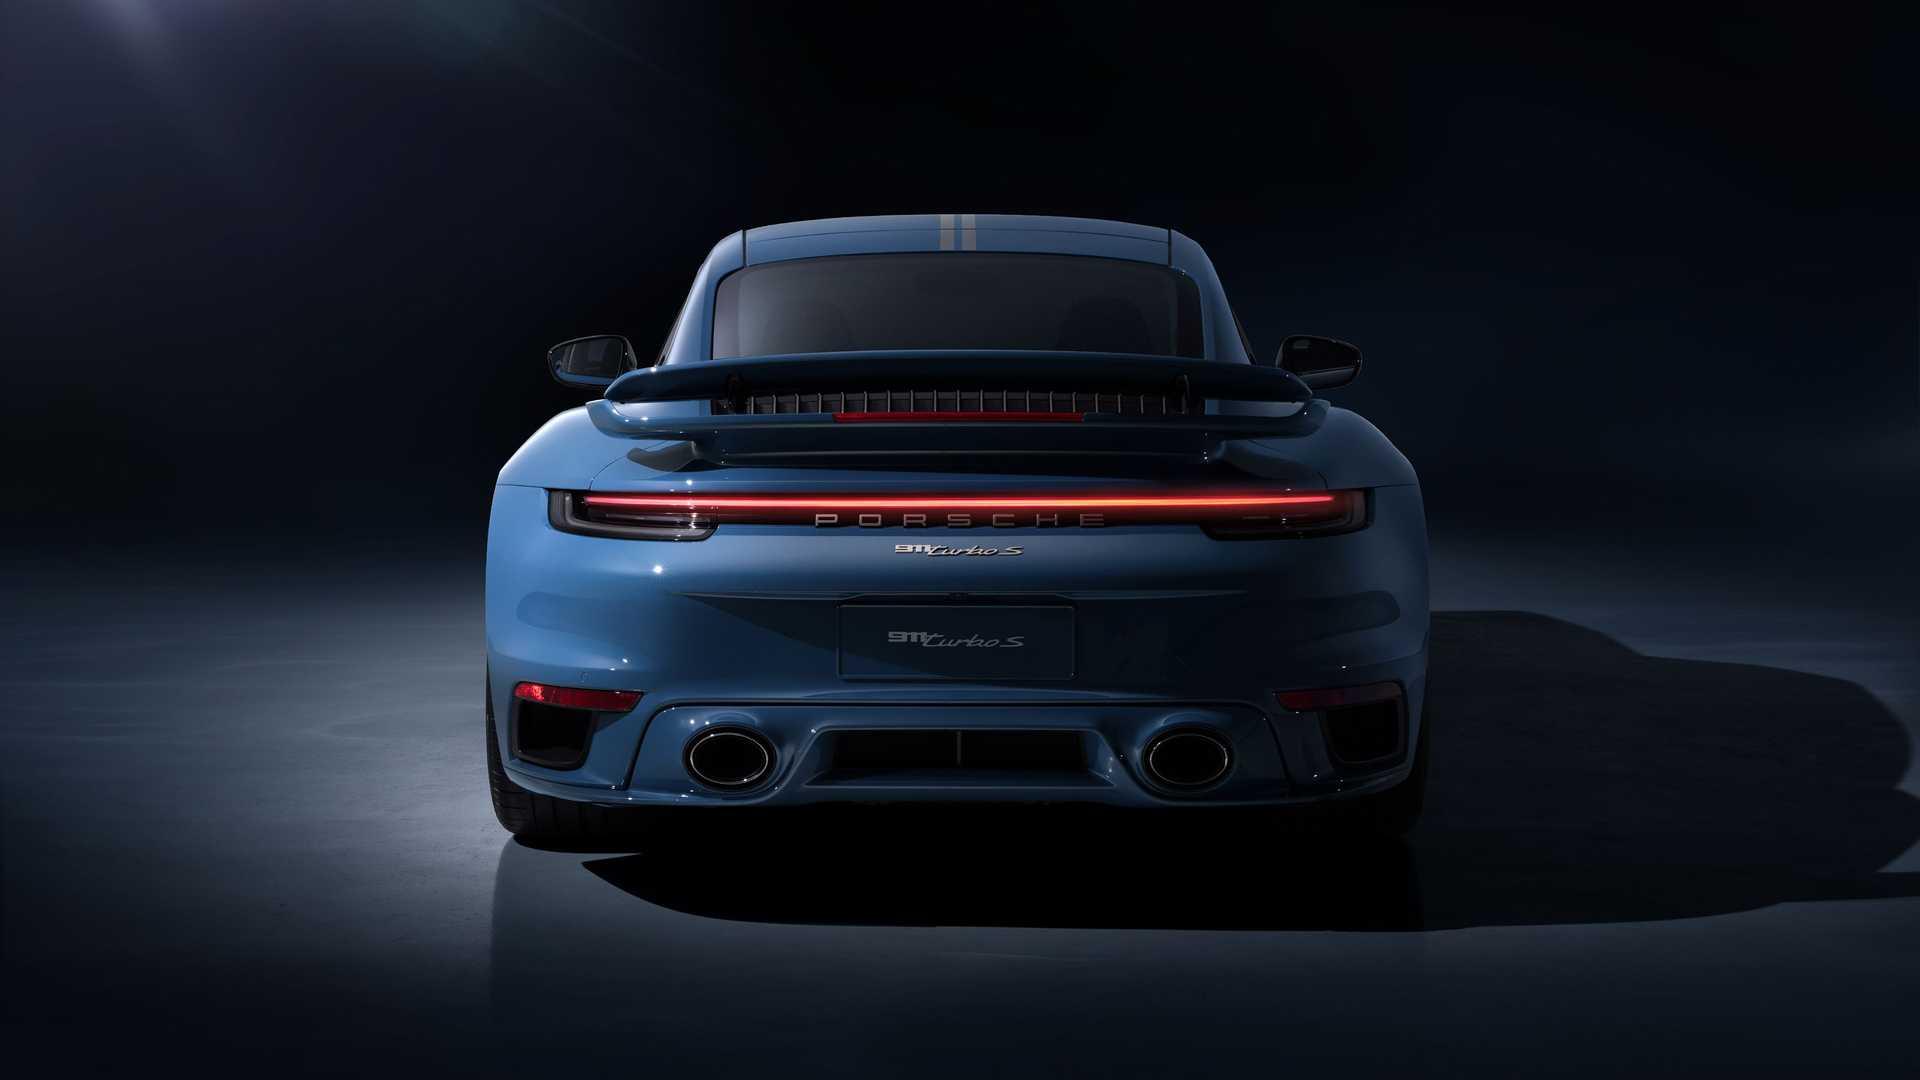 Porsche-911-Turbo-S-20th-Anniversary-Edition-12